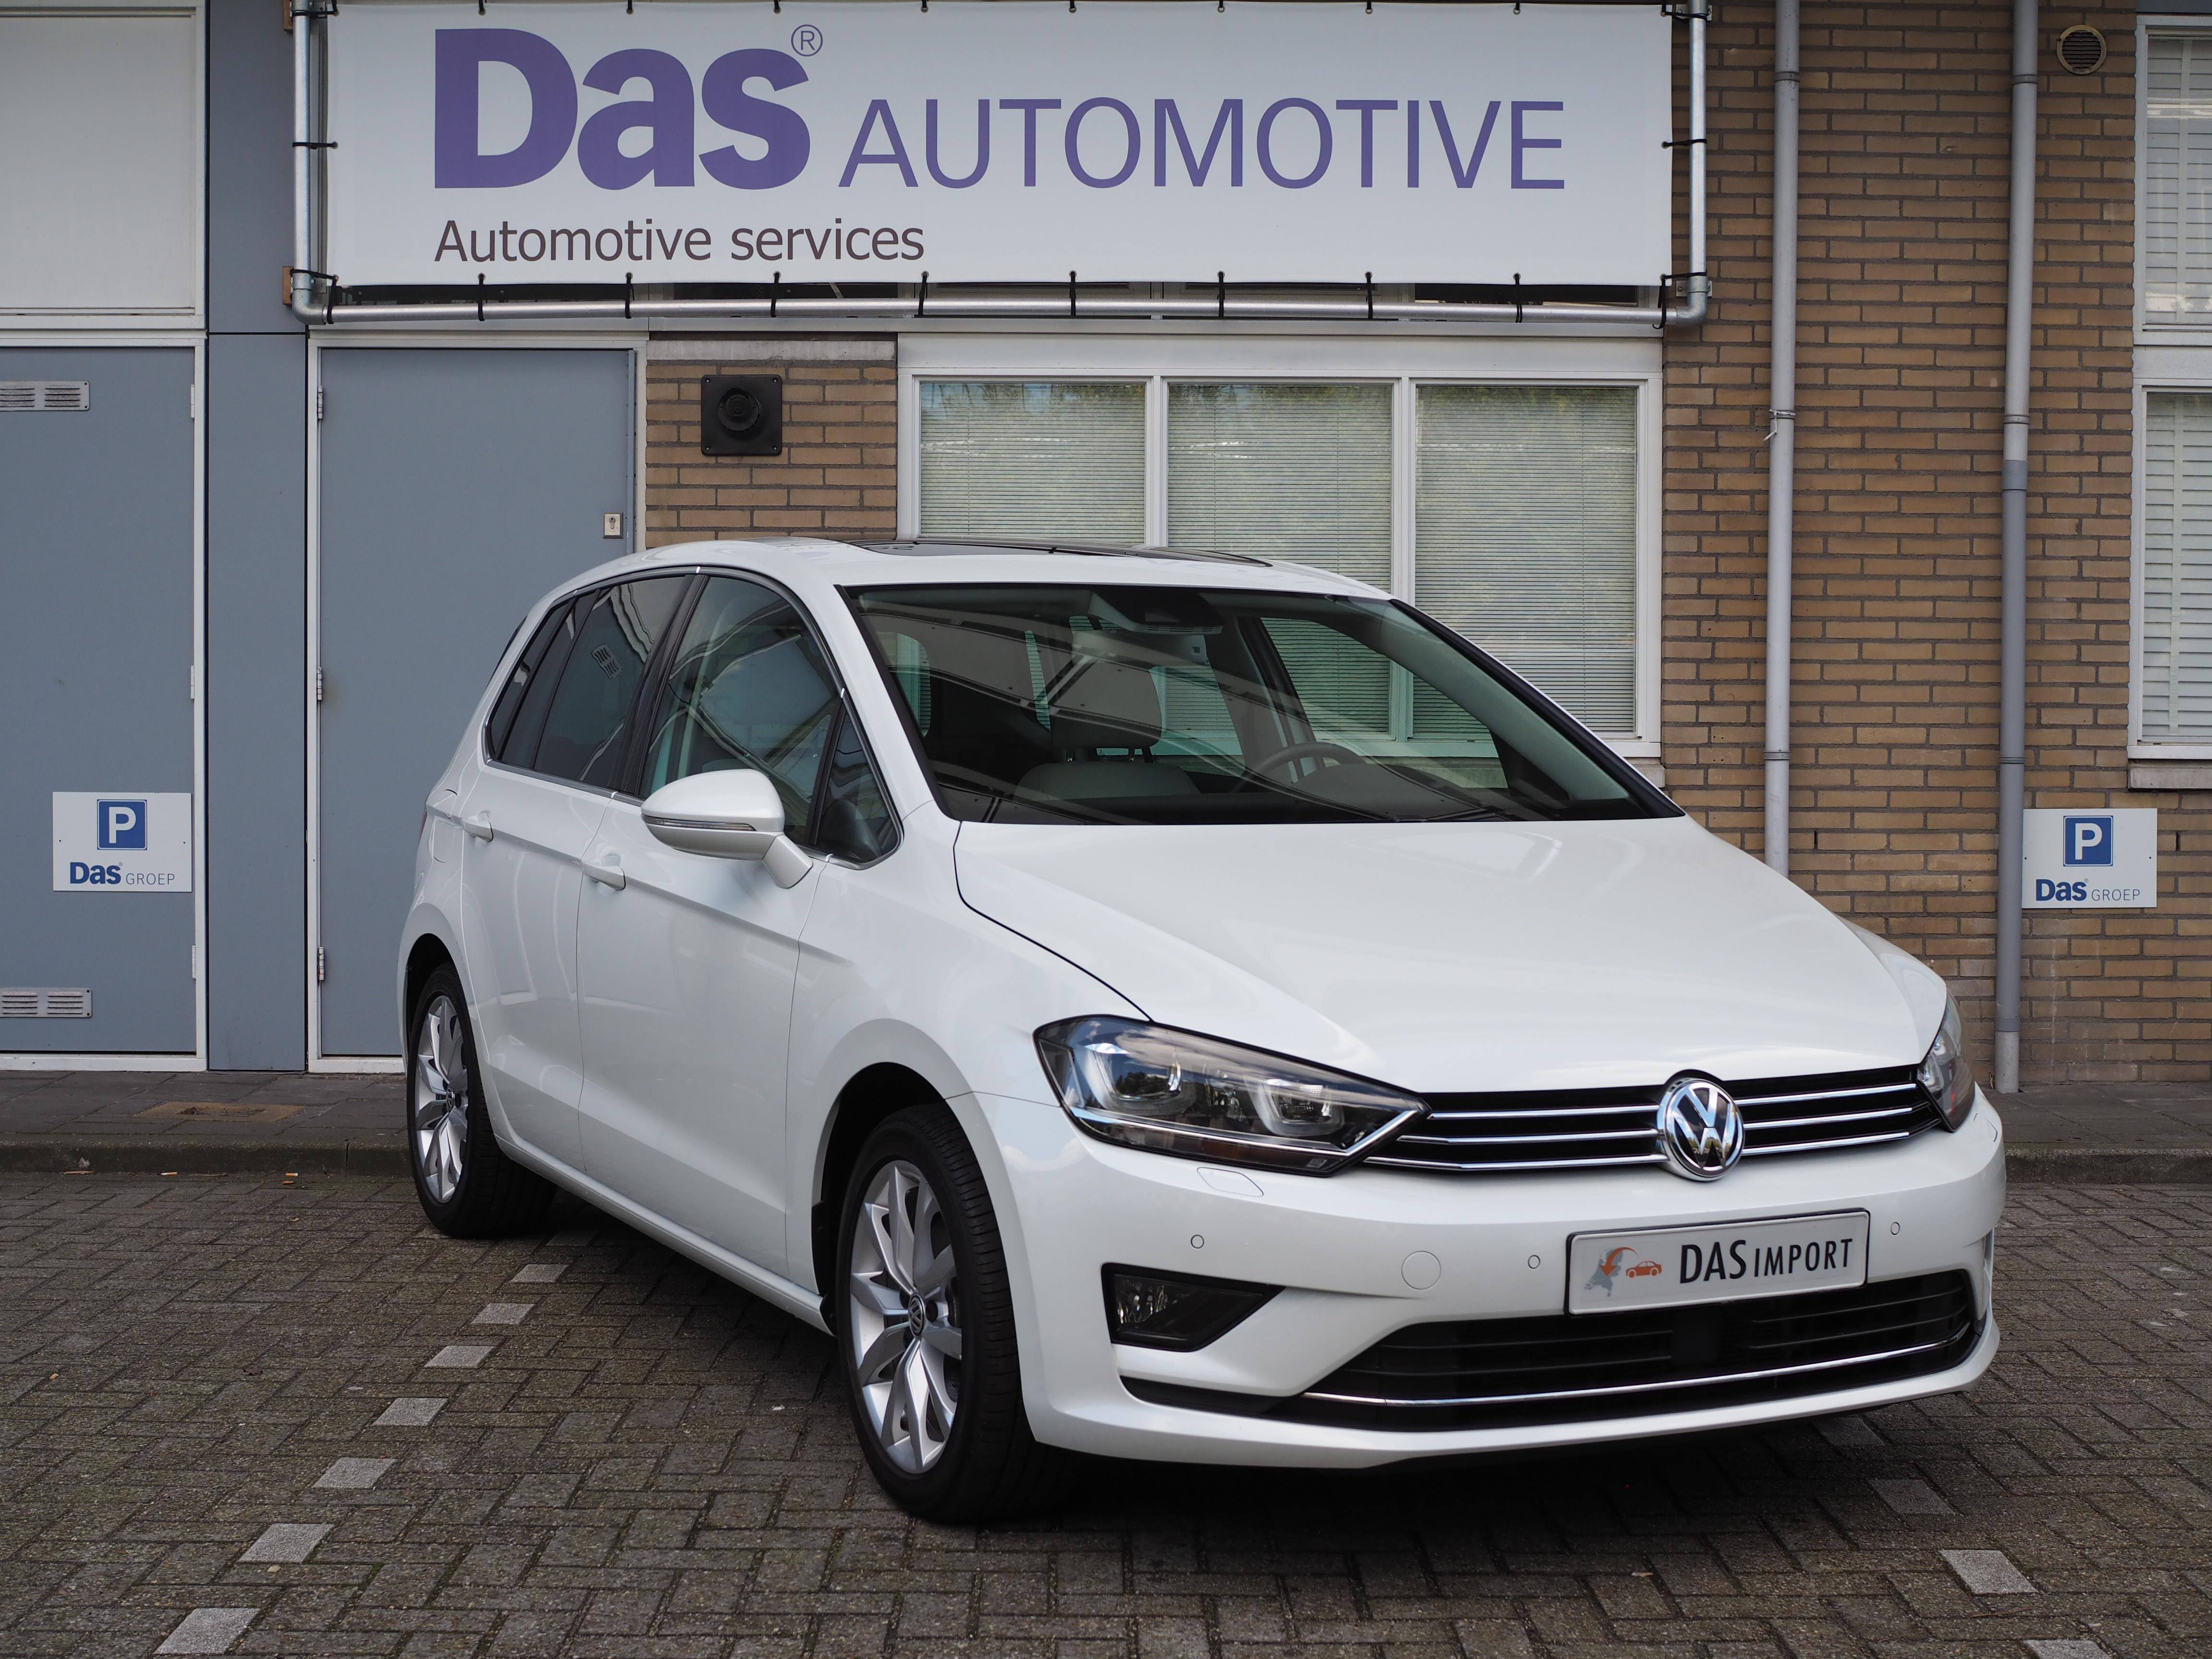 Importauto: Volkswagen Golf Sportsvan 1.4 TSI 110kQ Highline DSG 11/2014